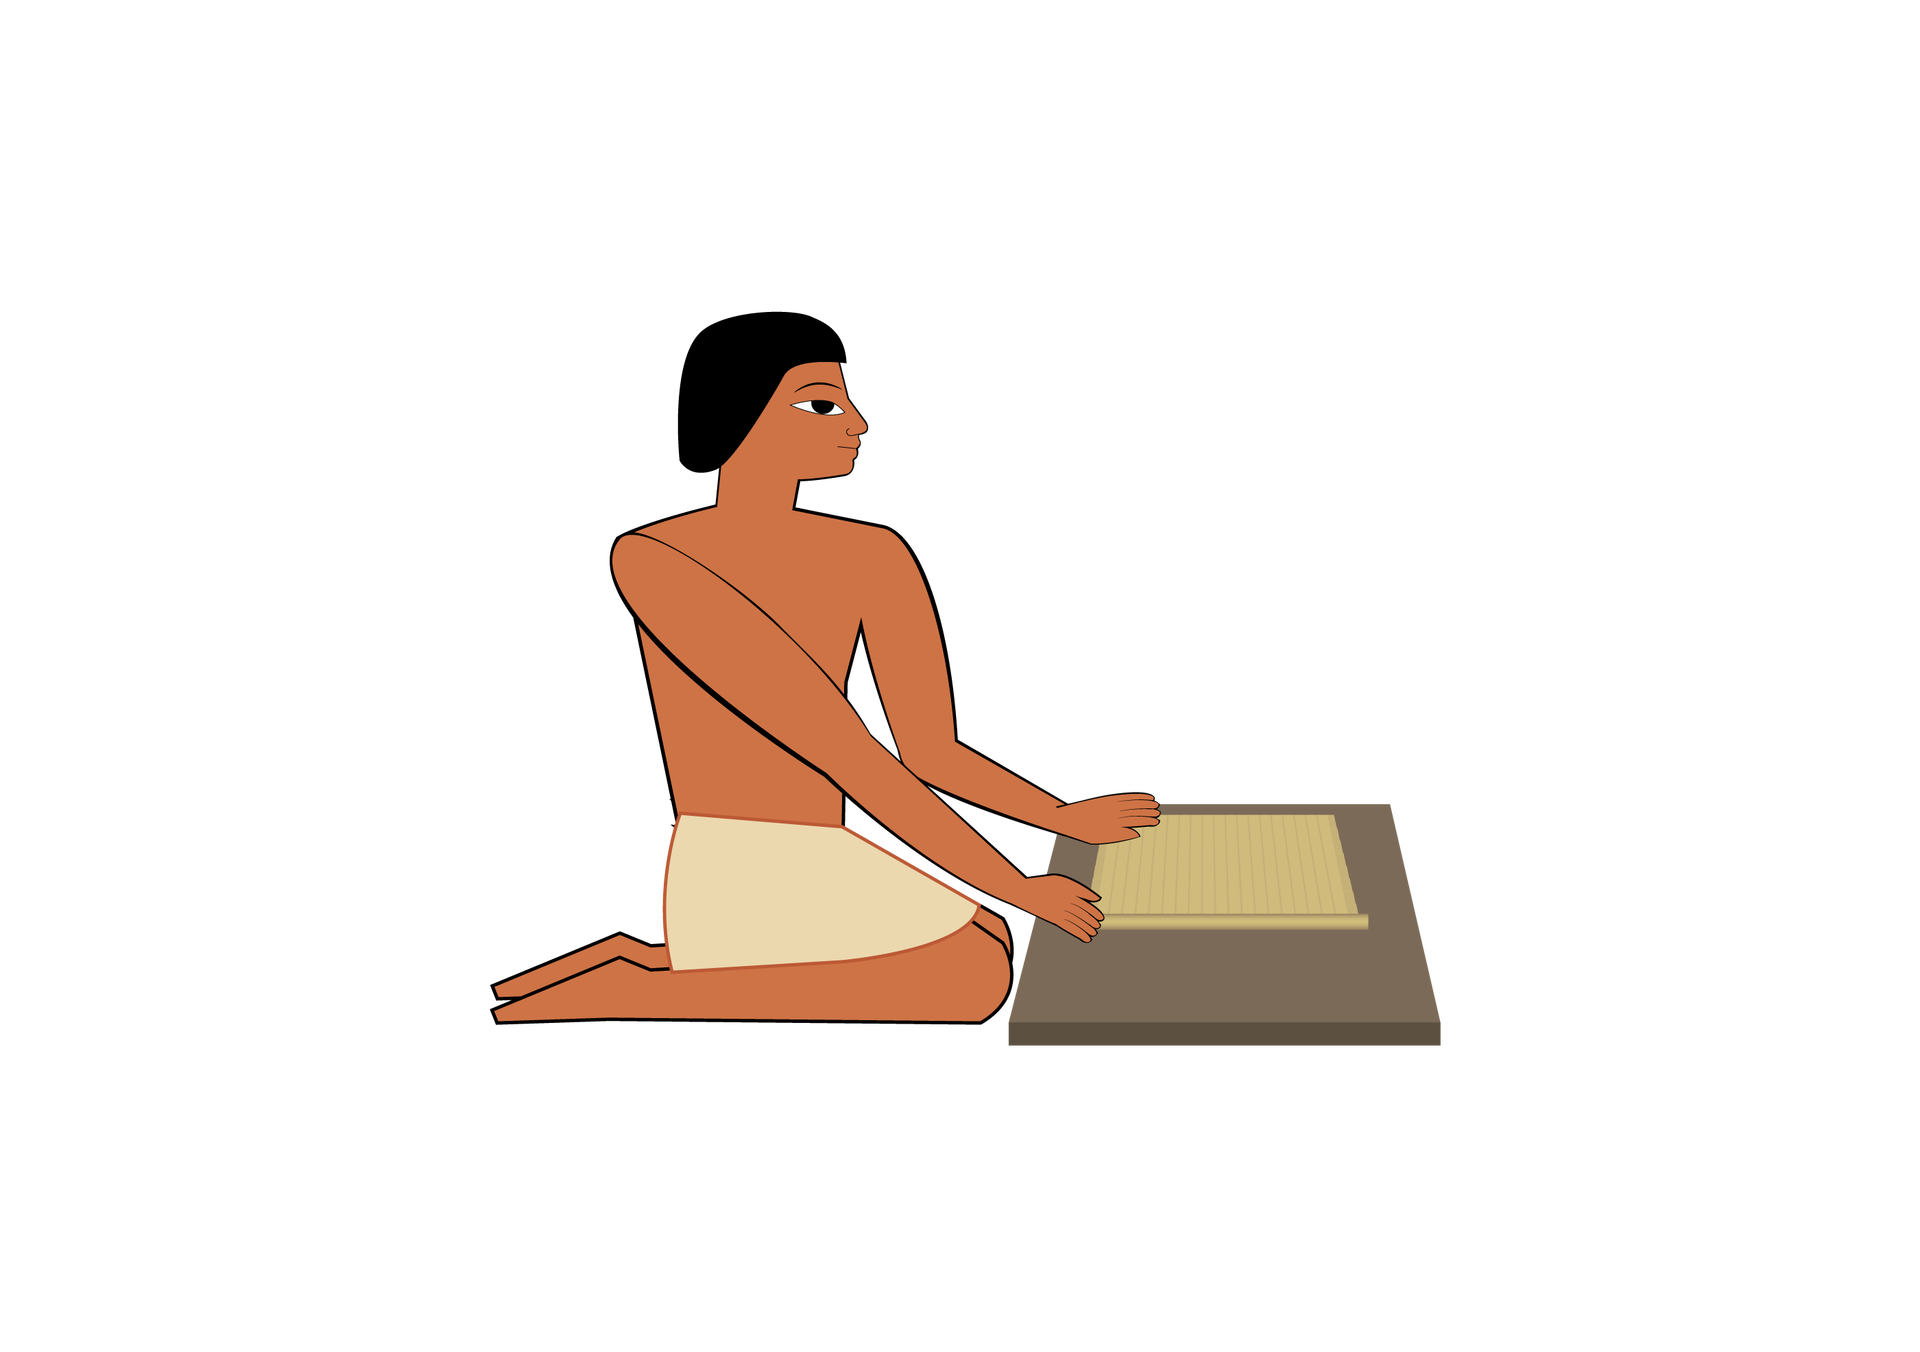 Gdy papirus był sklejony iwygładzony, rolowano go wzwój Gdy papirus był sklejony iwygładzony, rolowano go wzwój Źródło: Contentplus.pl sp. zo.o., licencja: CC BY 3.0.